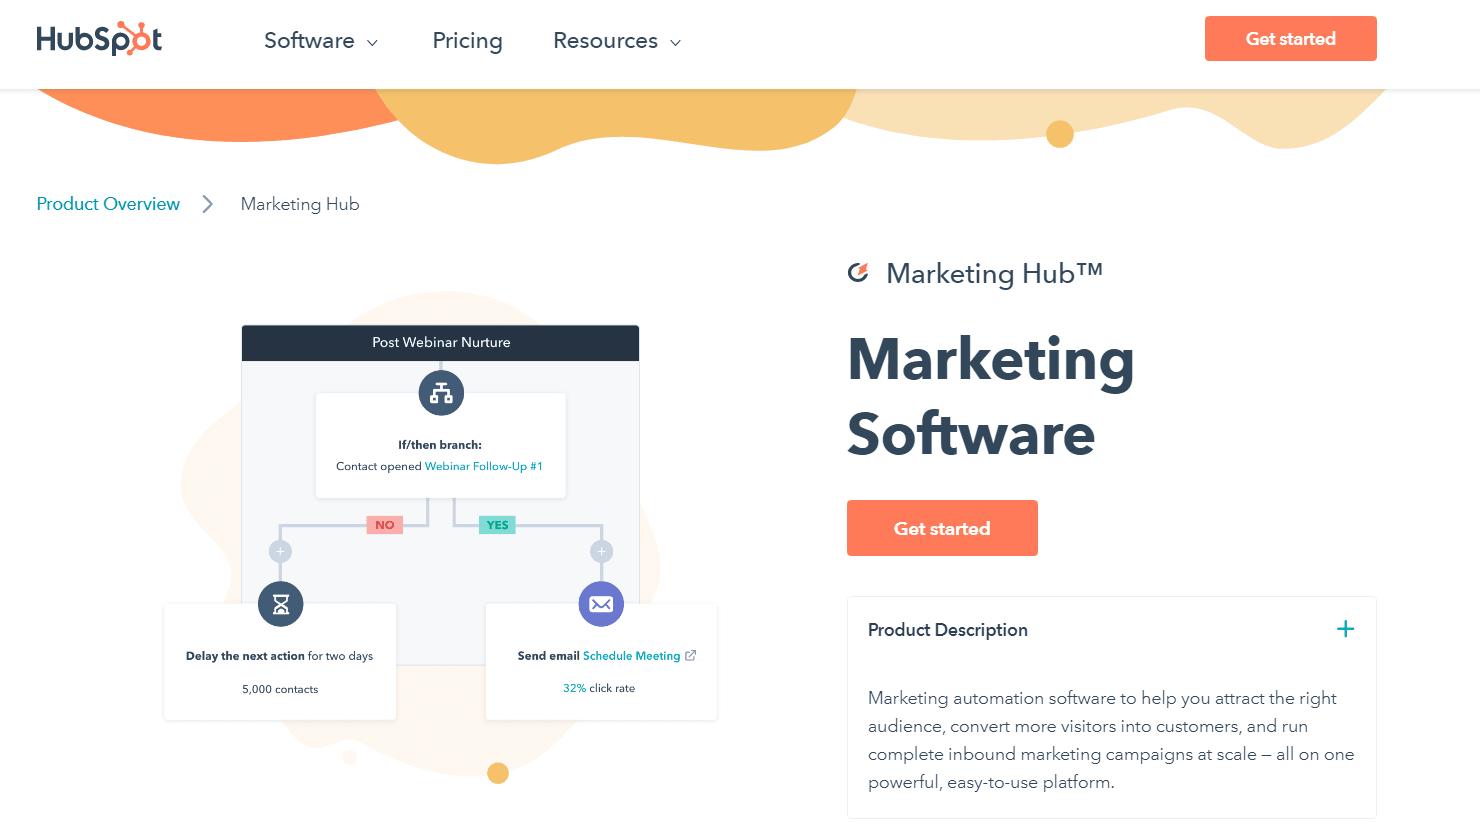 A screenshot of HubSpot's homepage